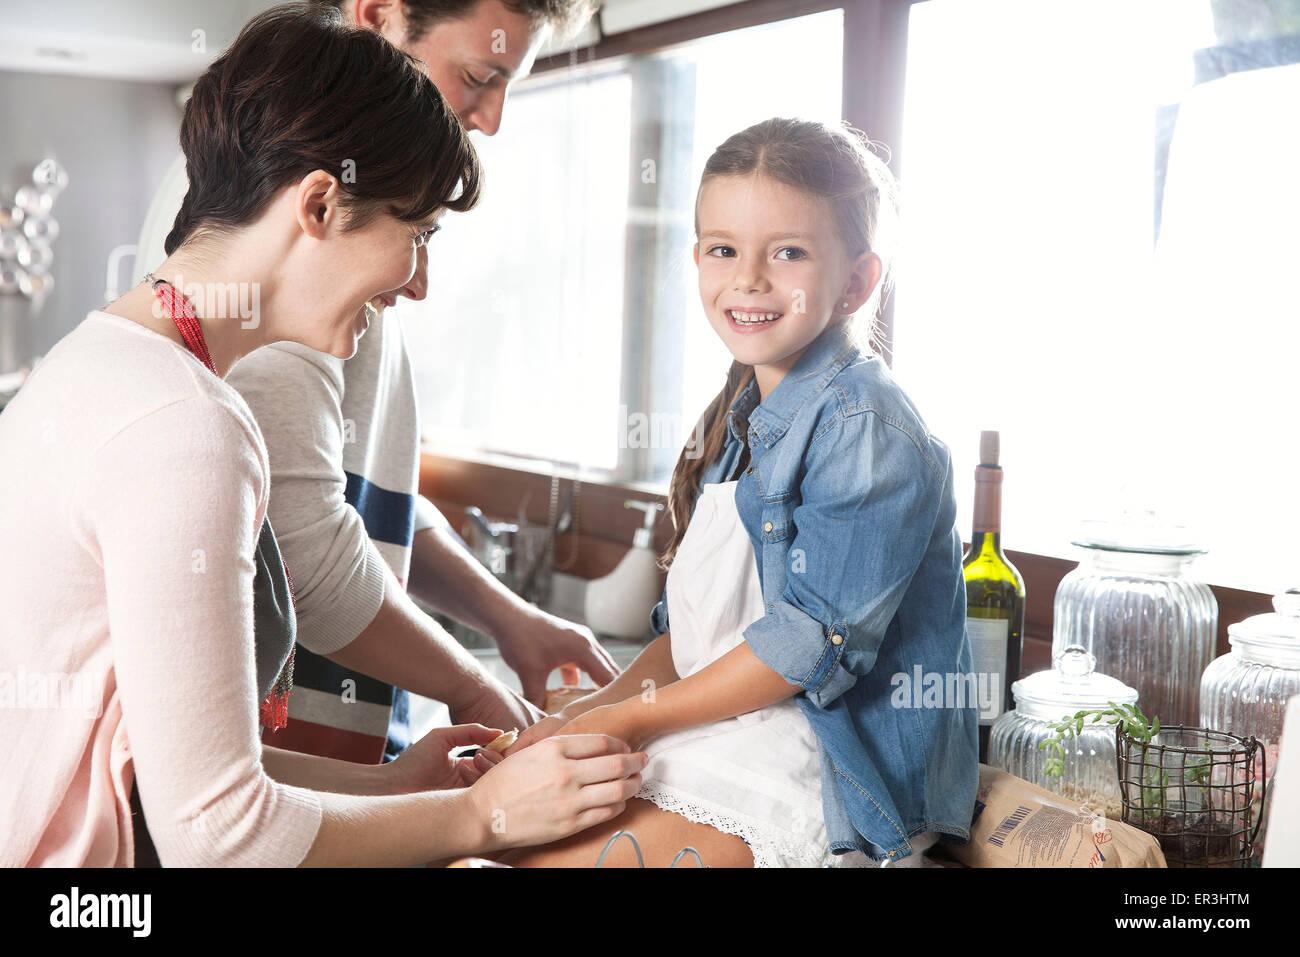 Famiglia di trascorrere del tempo insieme in cucina, ragazza seduta sul contatore azienda madre le mani Immagini Stock